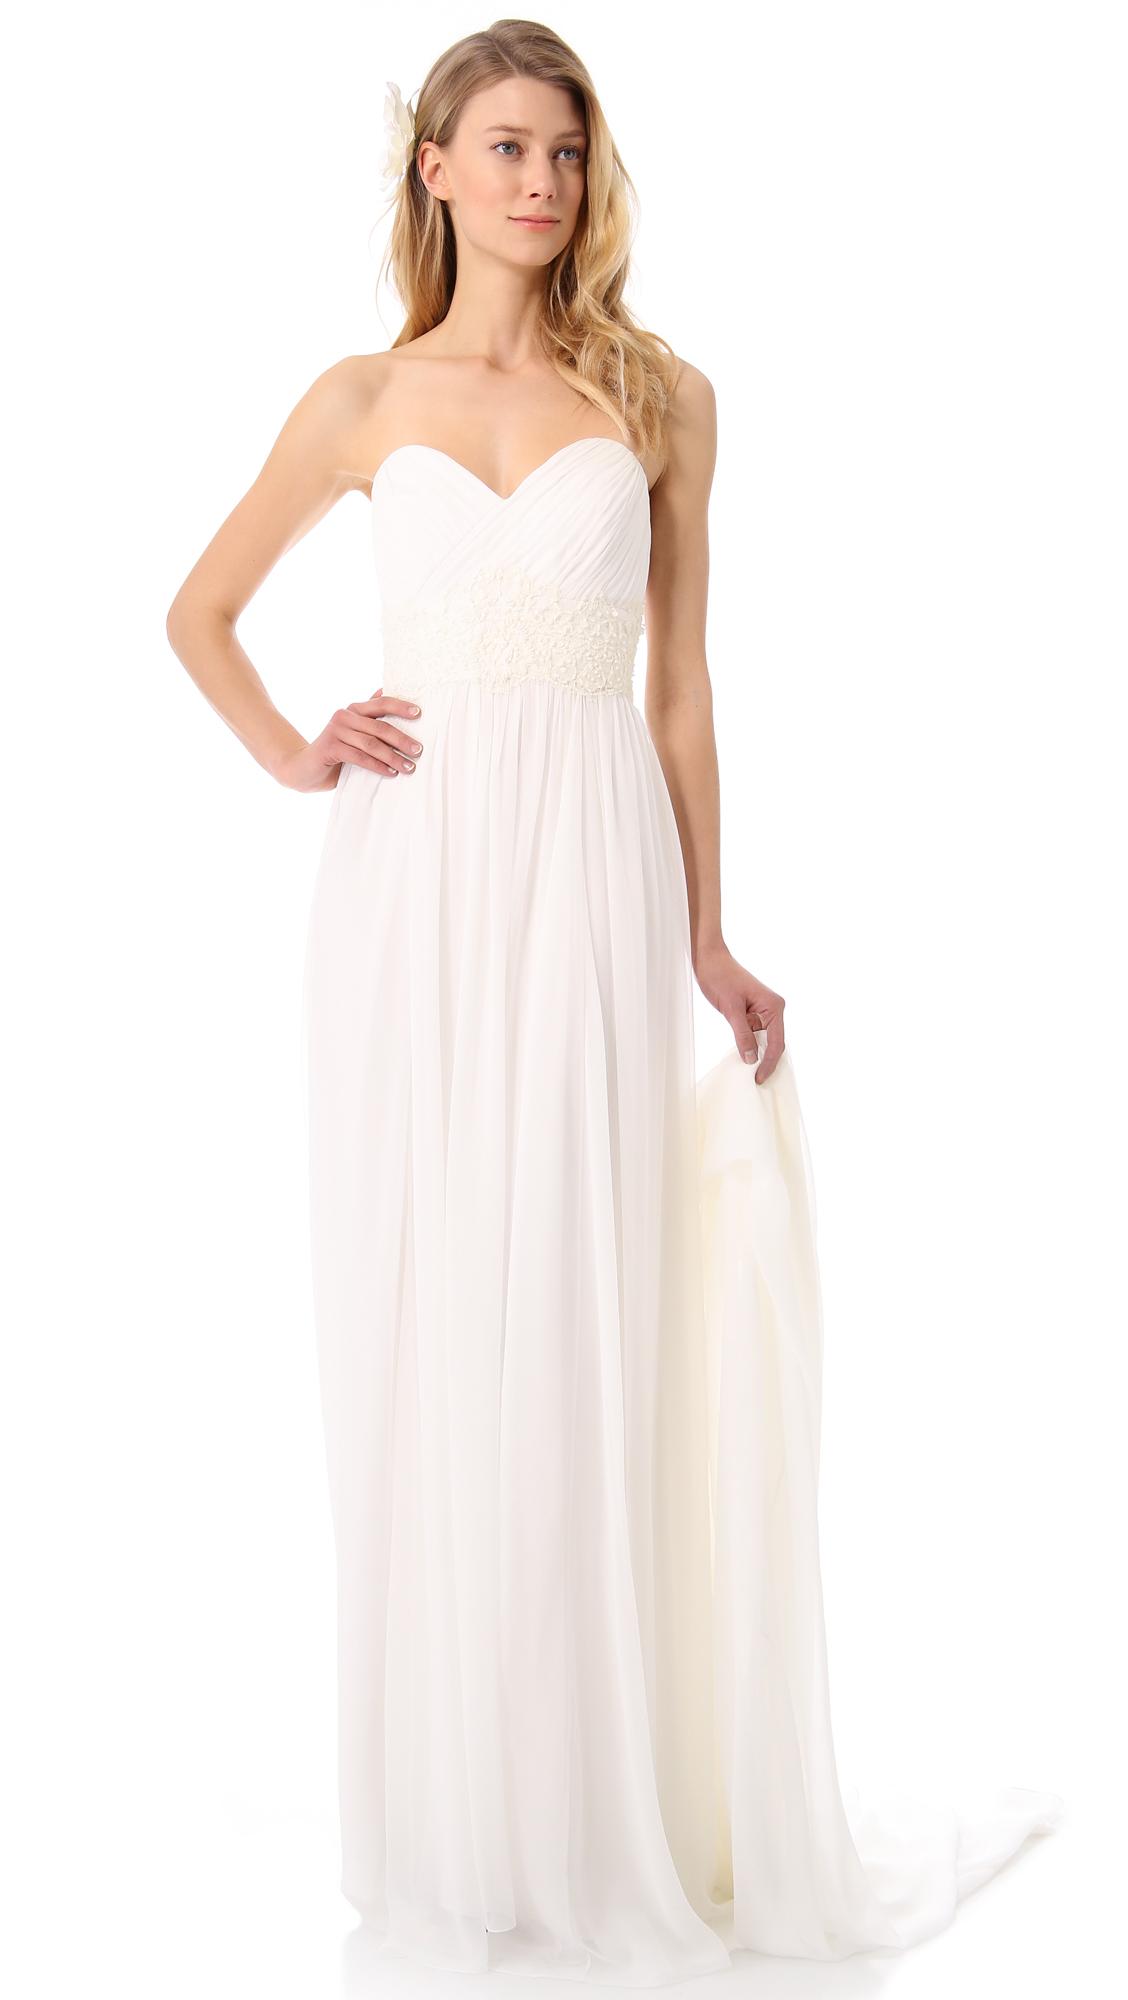 Marchesa Grecian Strapless Sweetheart Gown in Beige Cream